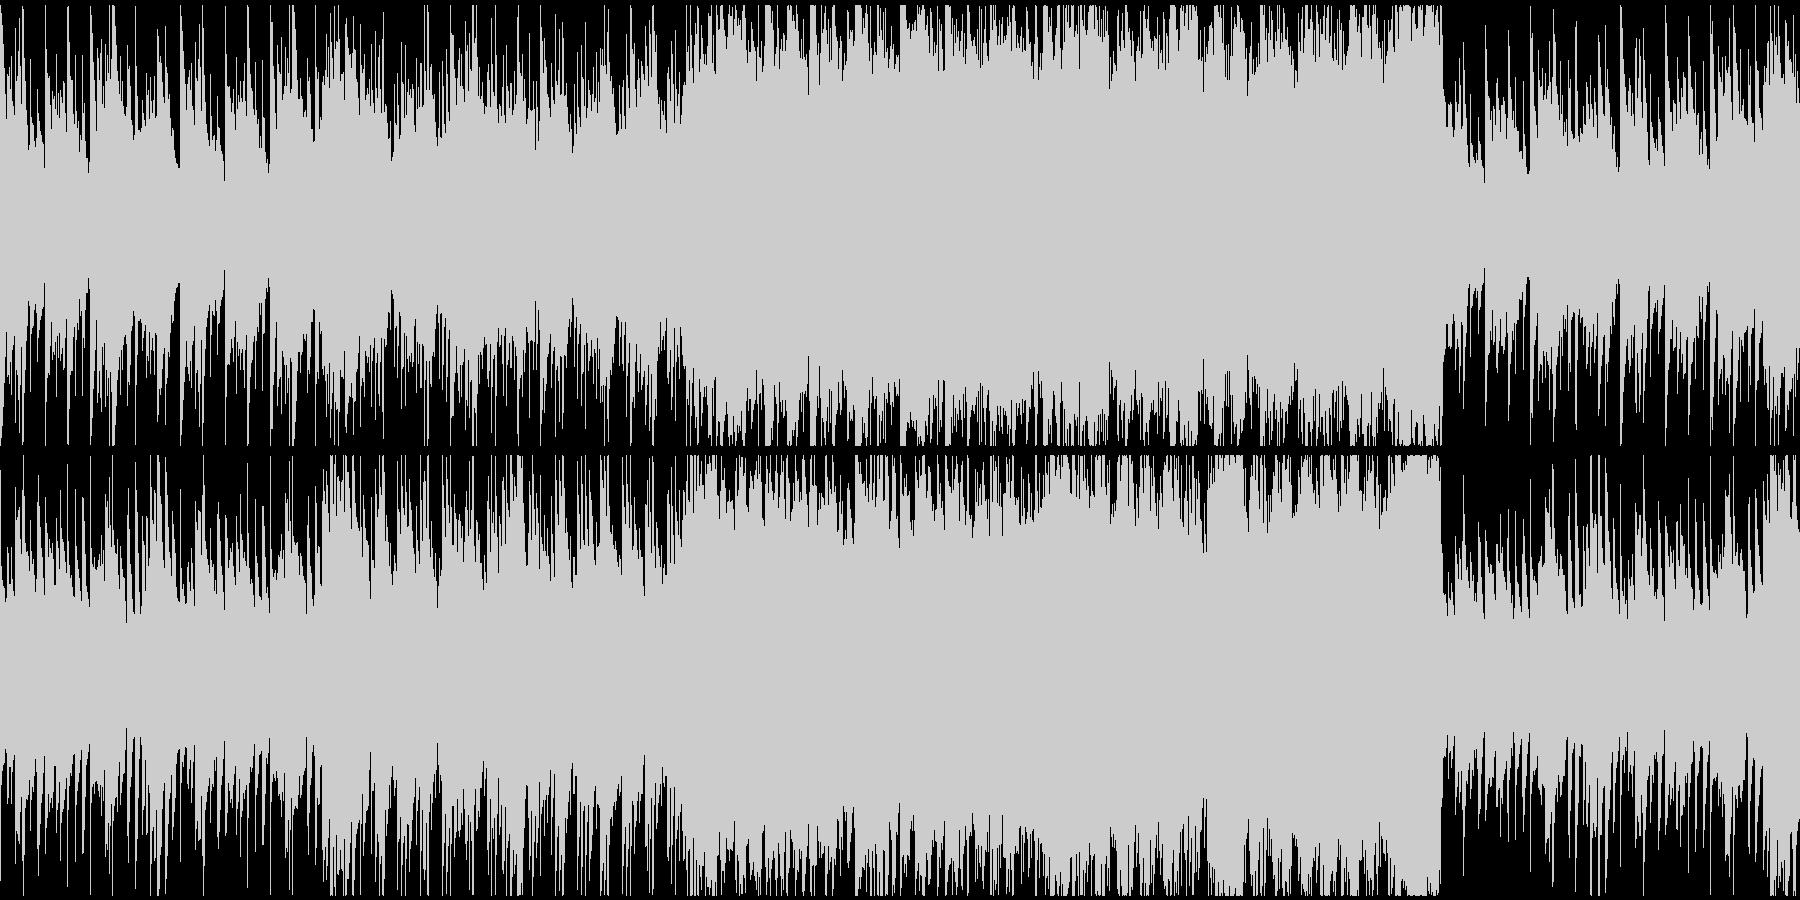 【ループ対応】感動 バラードワルツの未再生の波形